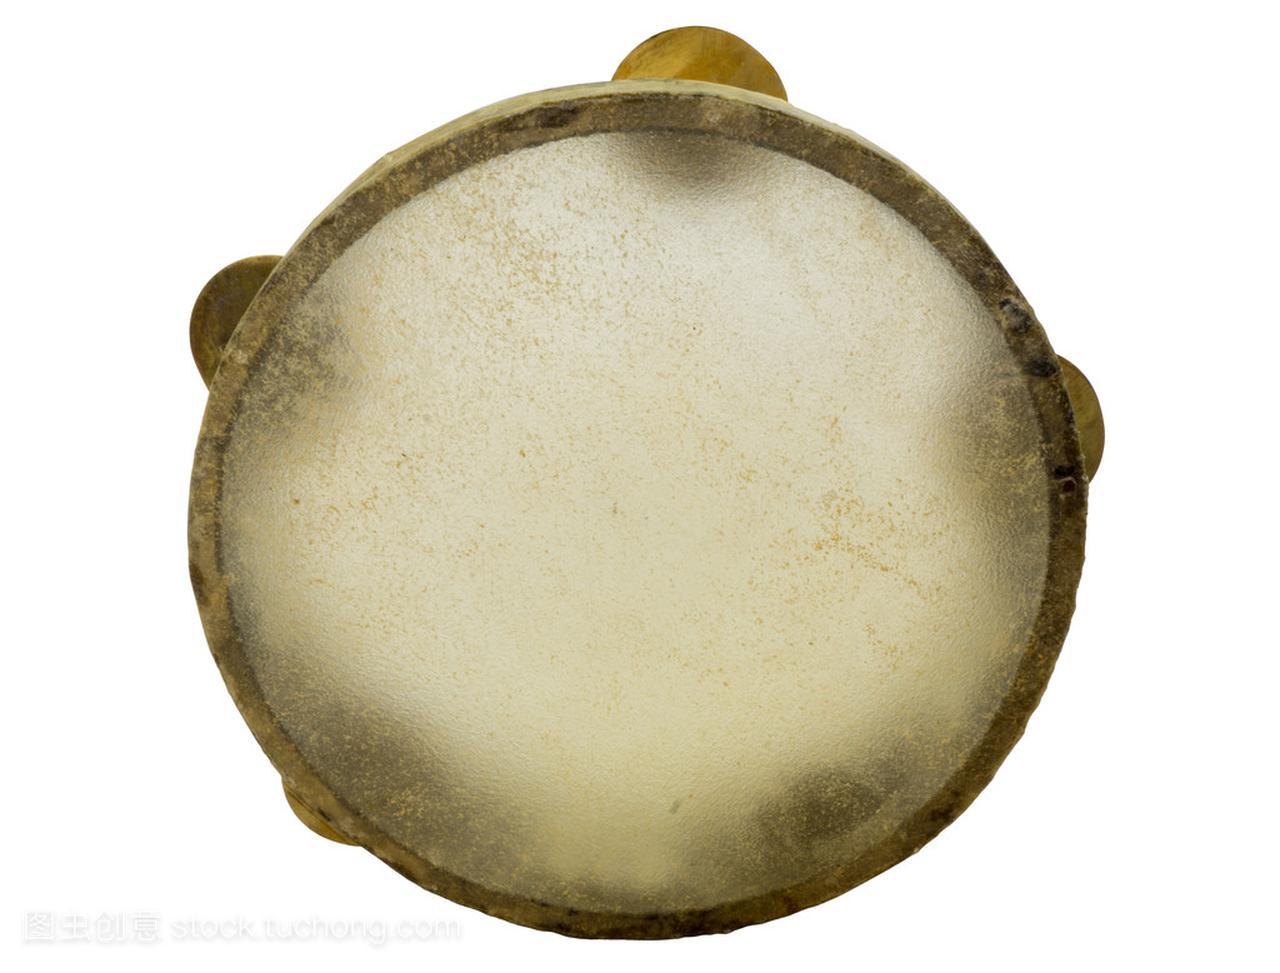 传统音乐仪器埃及铃鼓制成的骆驼